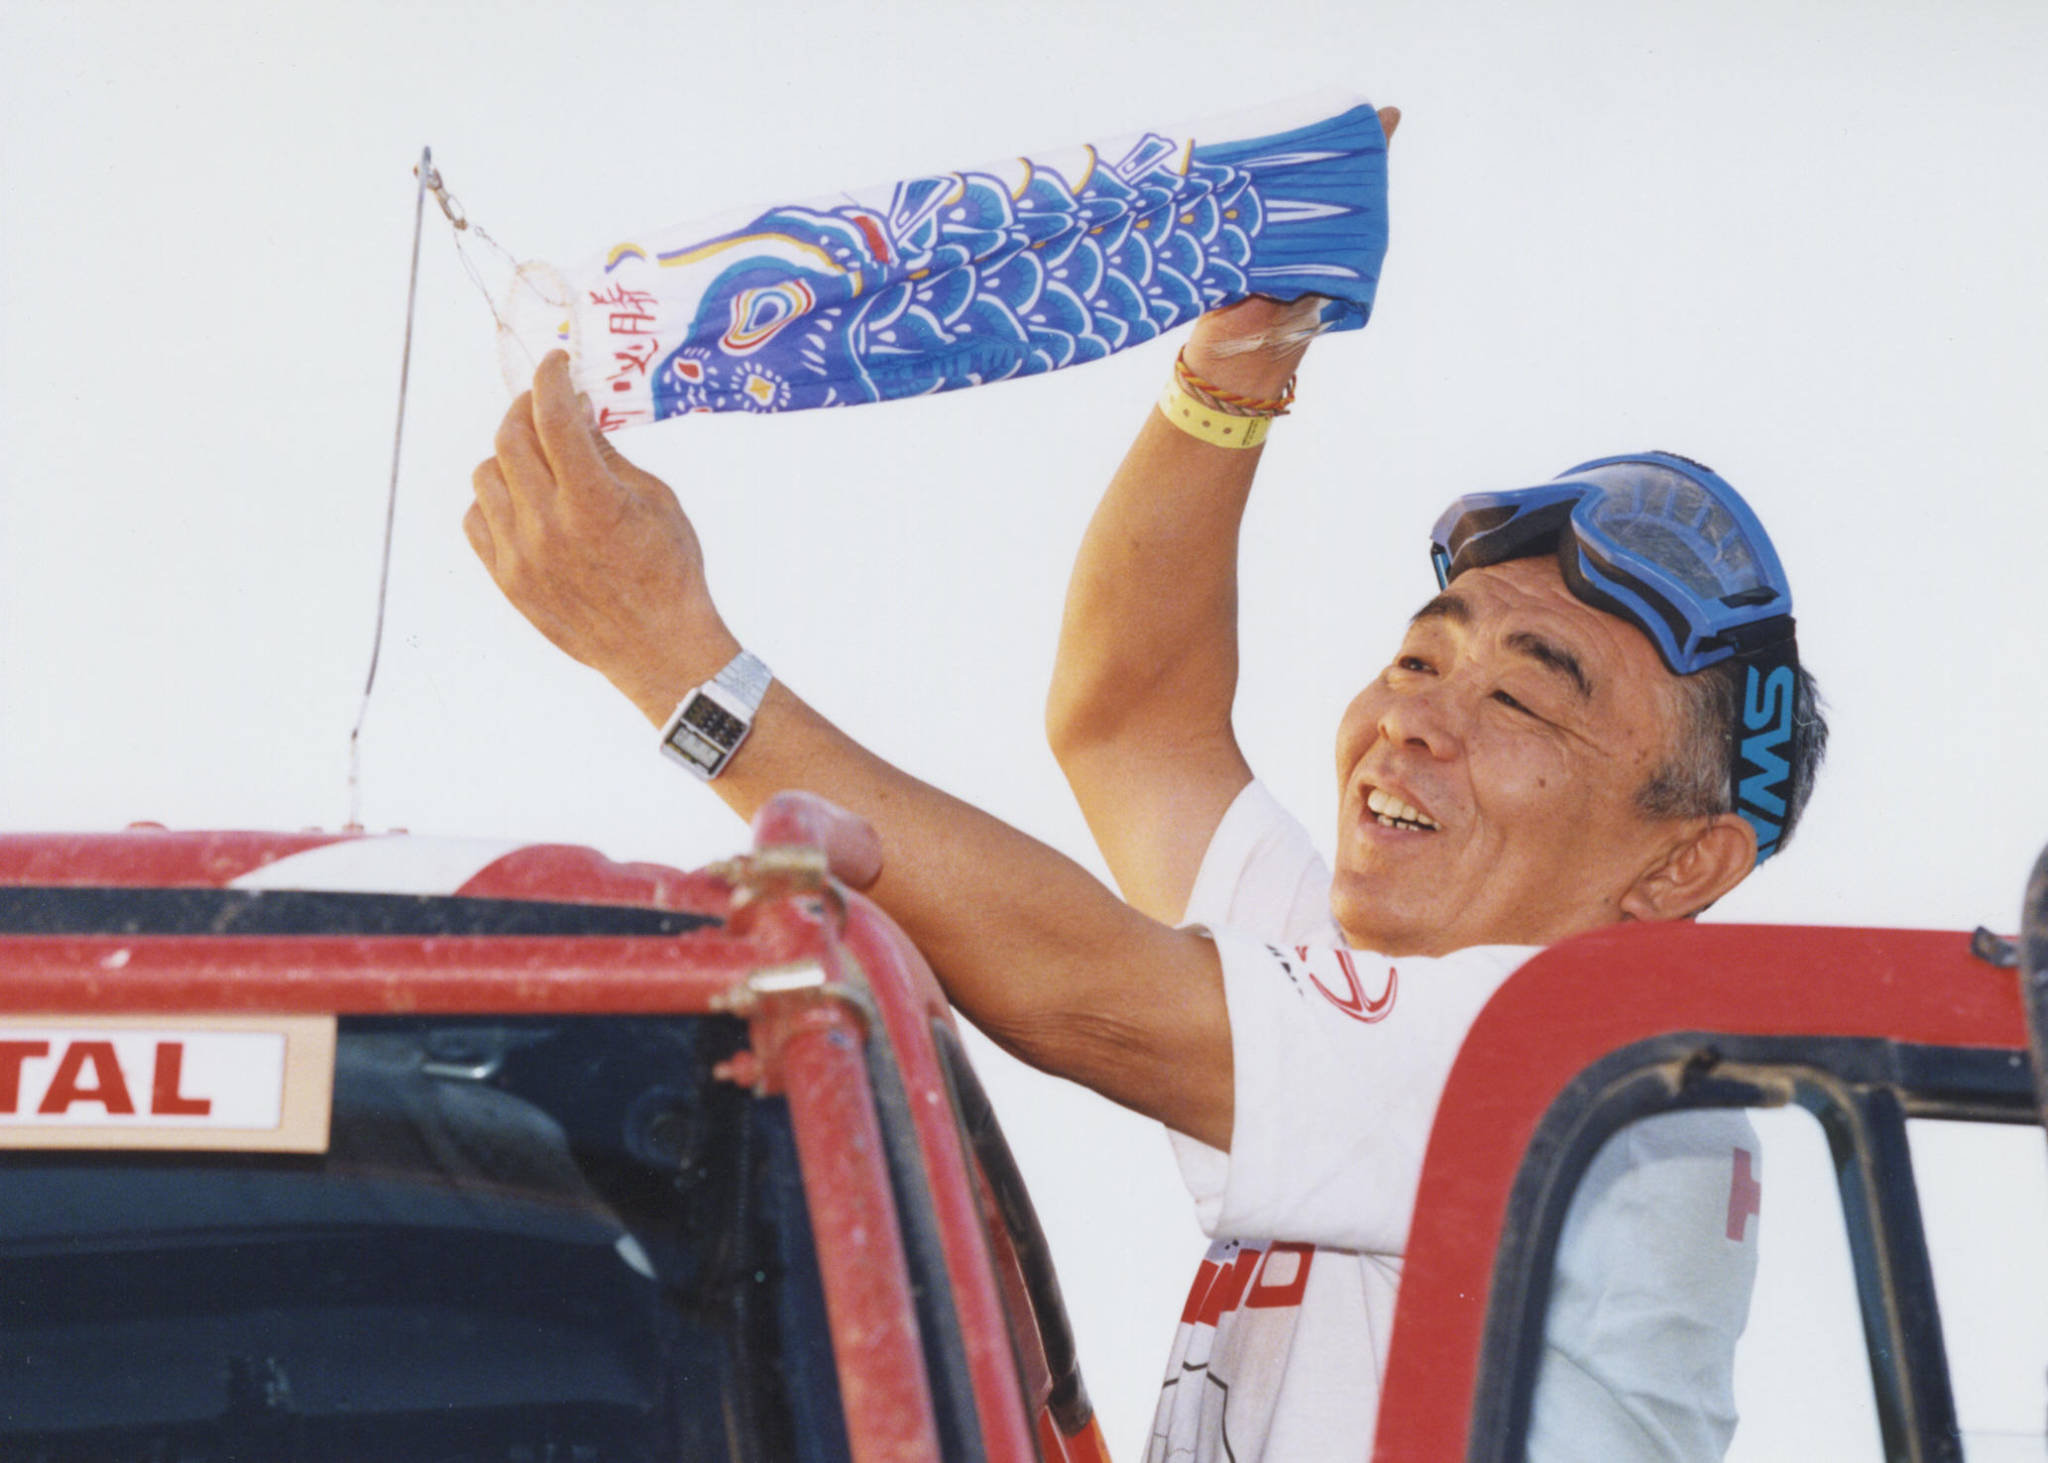 Jošimasa Sugawara, Rally Dakar 1997